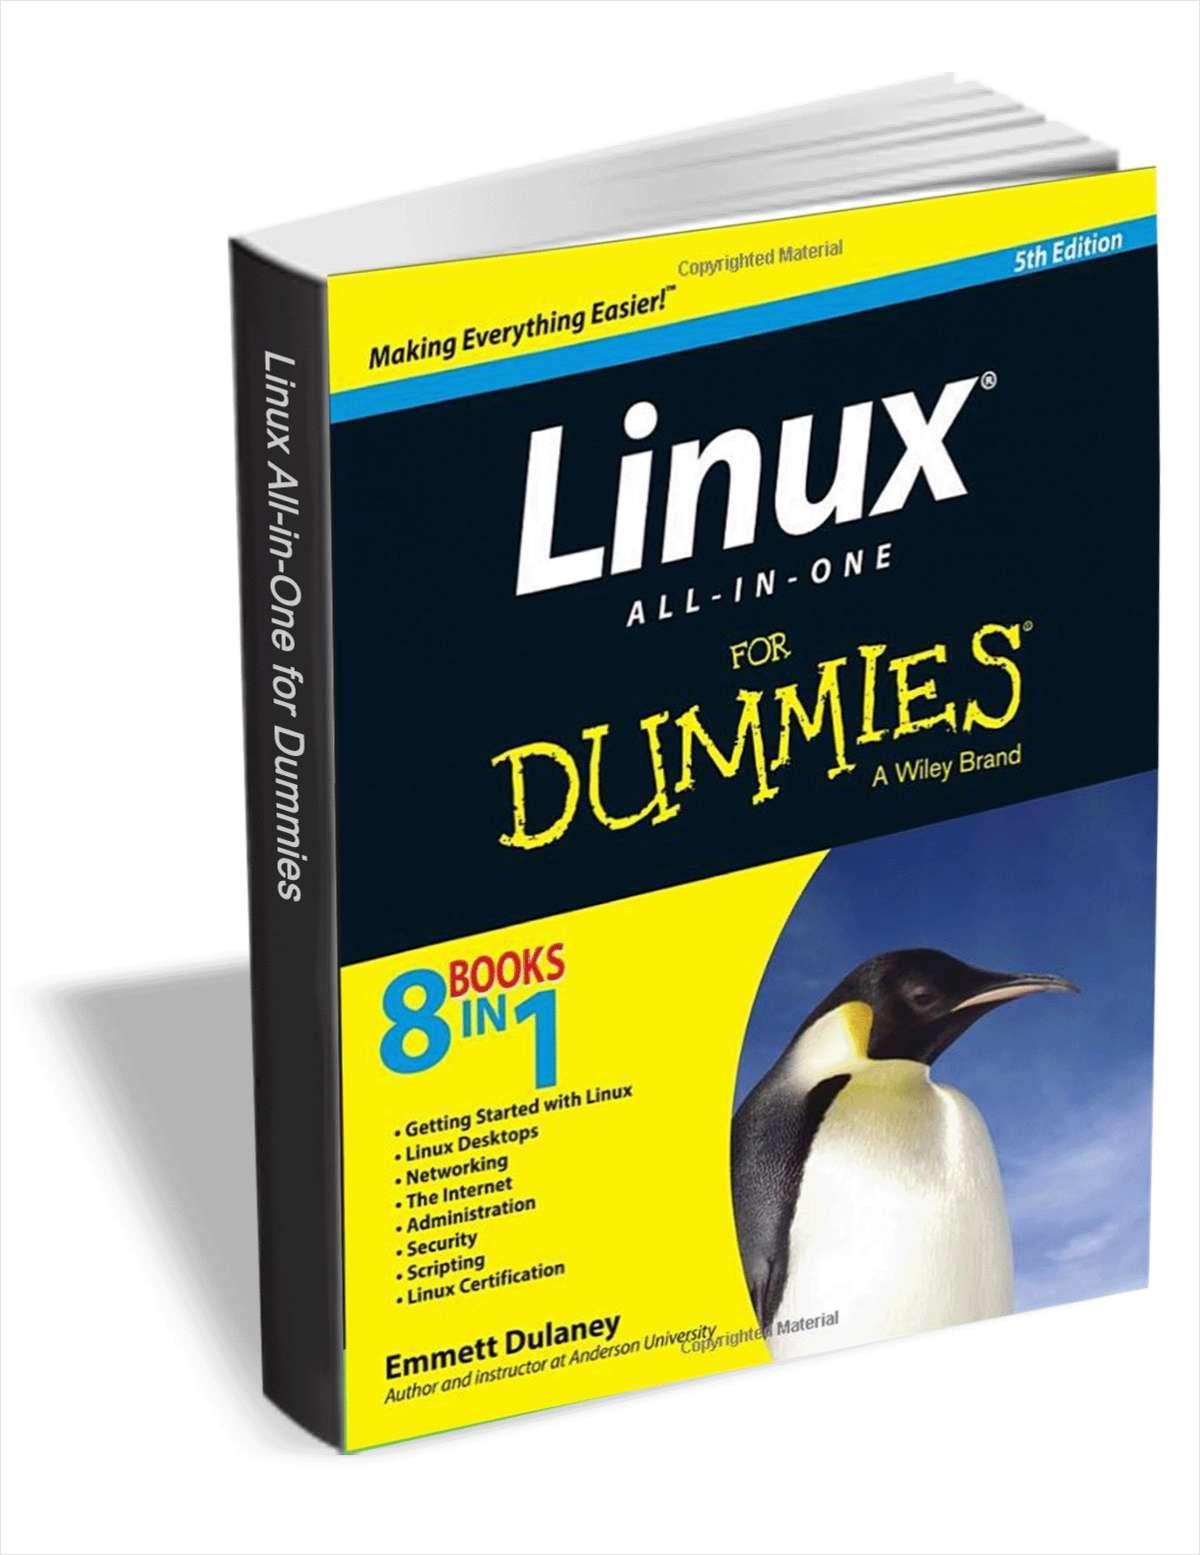 Livre Linux pour les nuls 5éme édition en Anglais (version numérique) gratuit